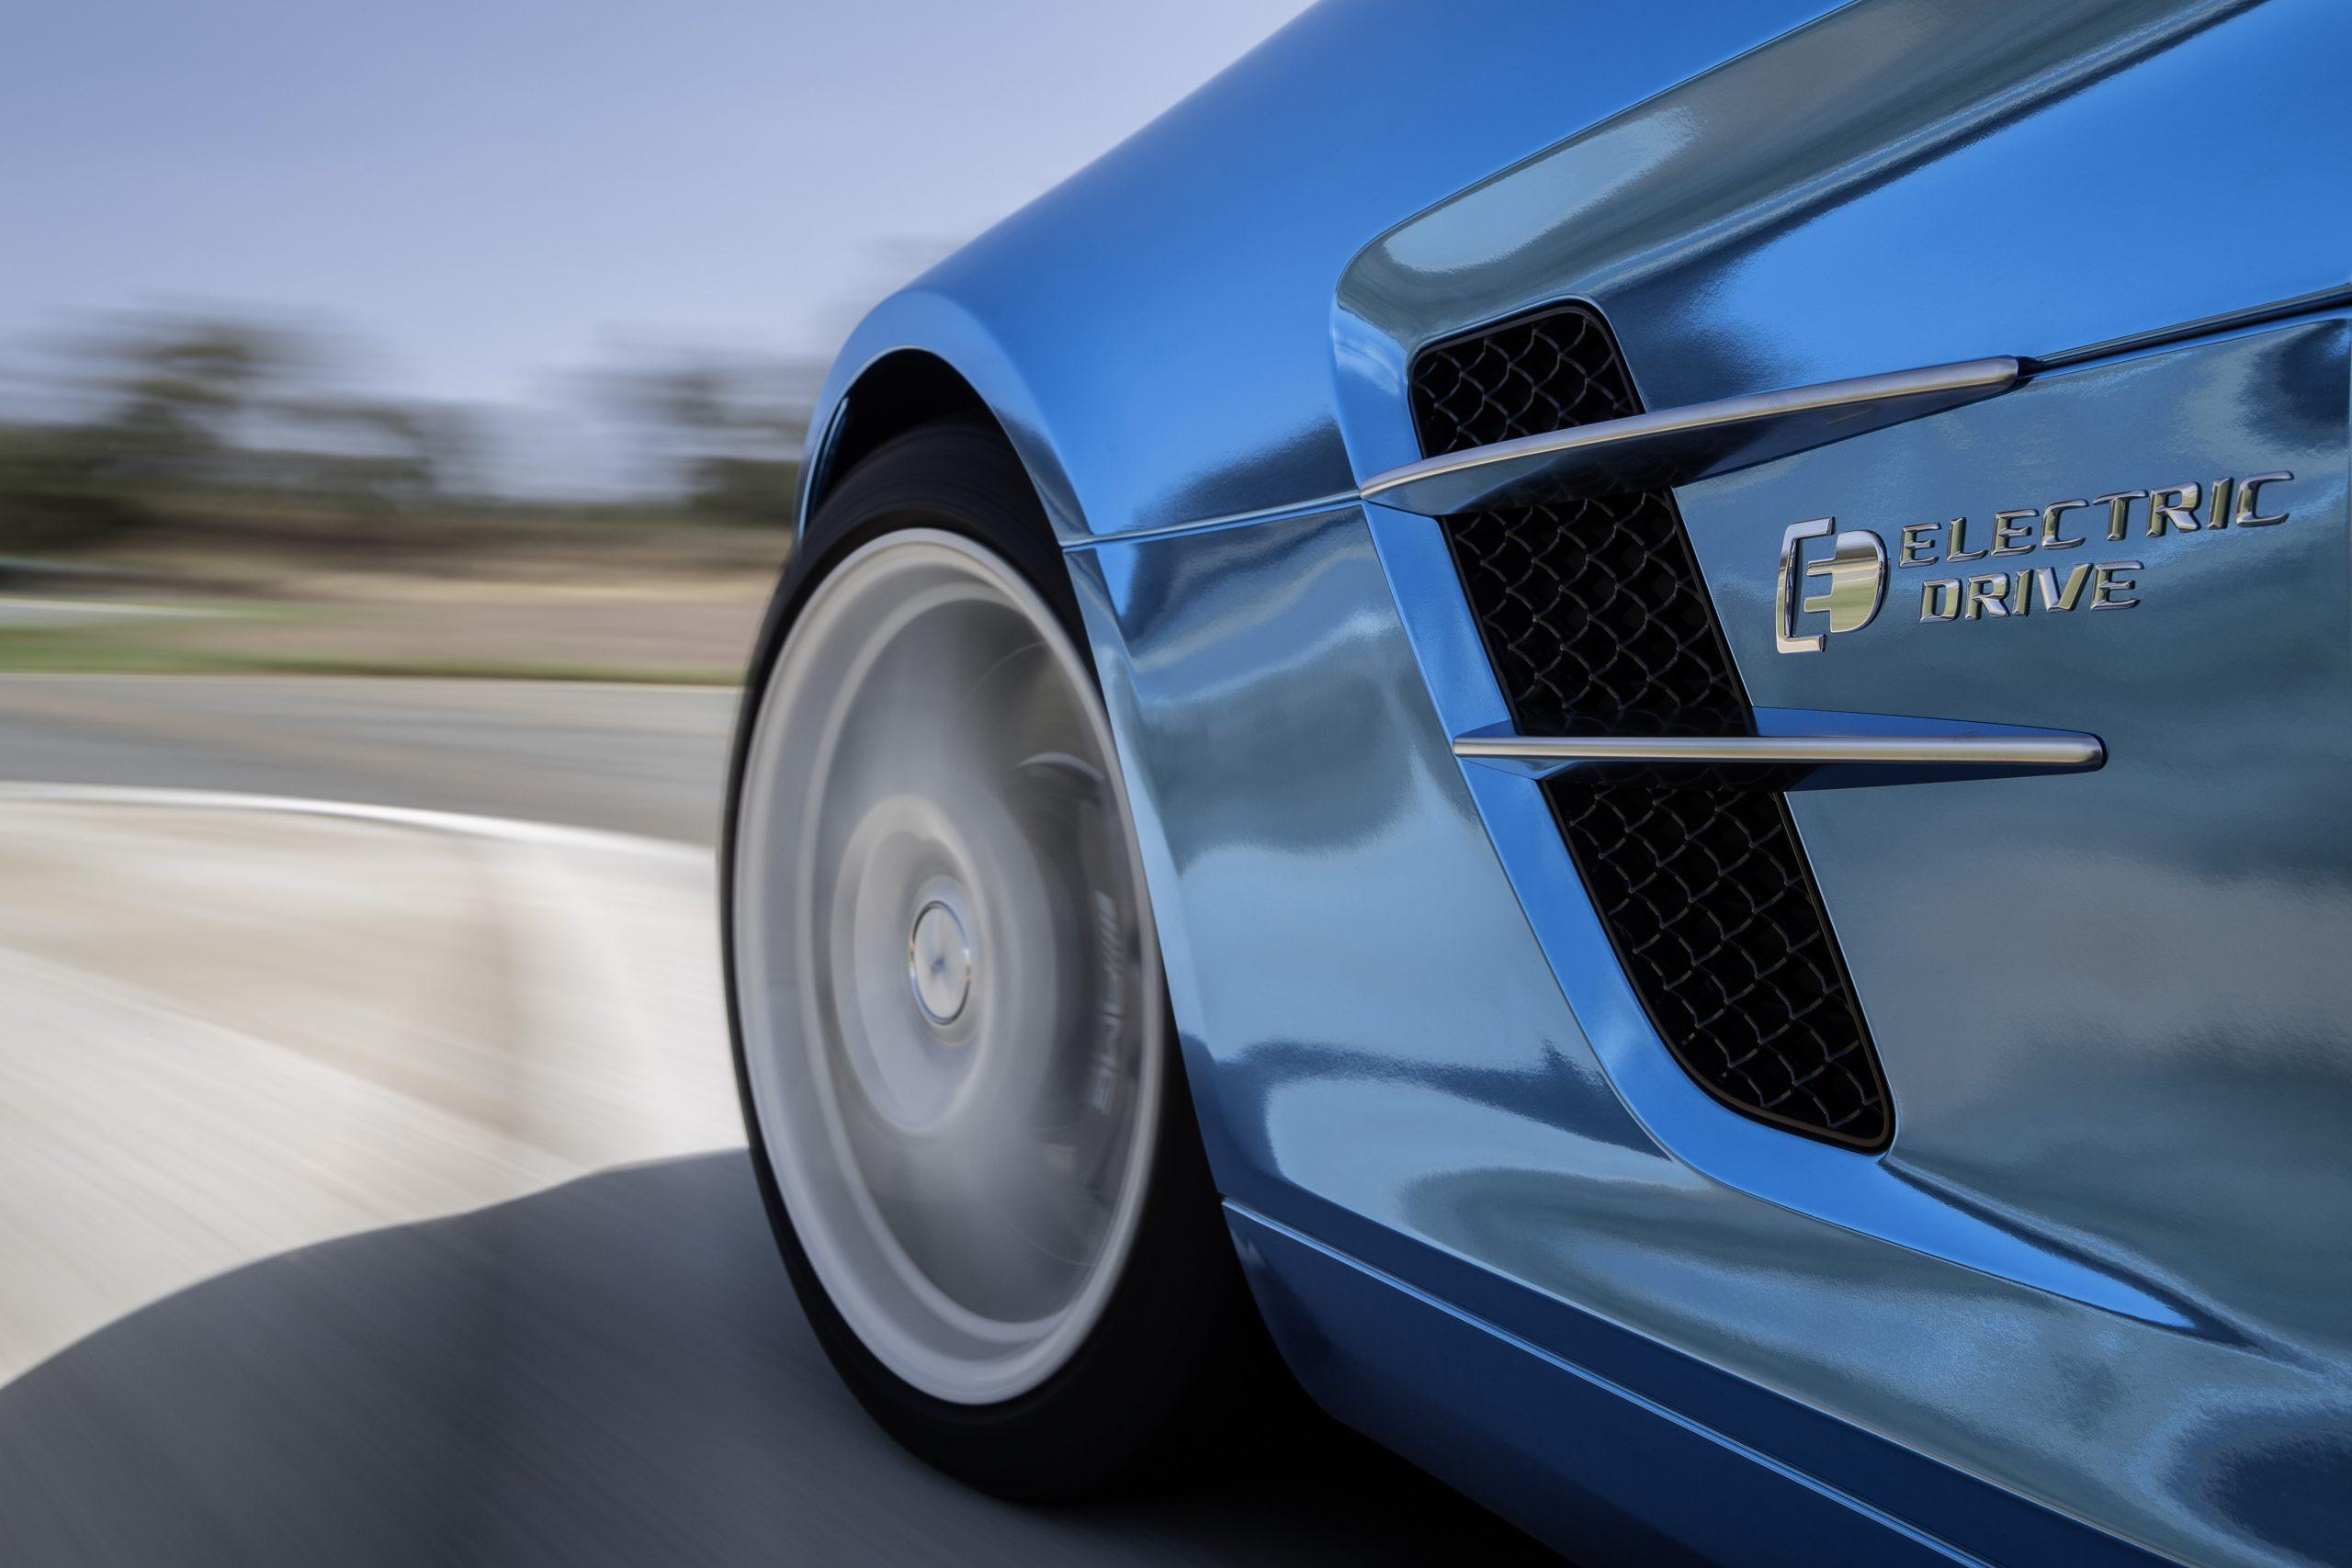 Mercedes-Benz SLS AMG Coupé Electric Drive blue